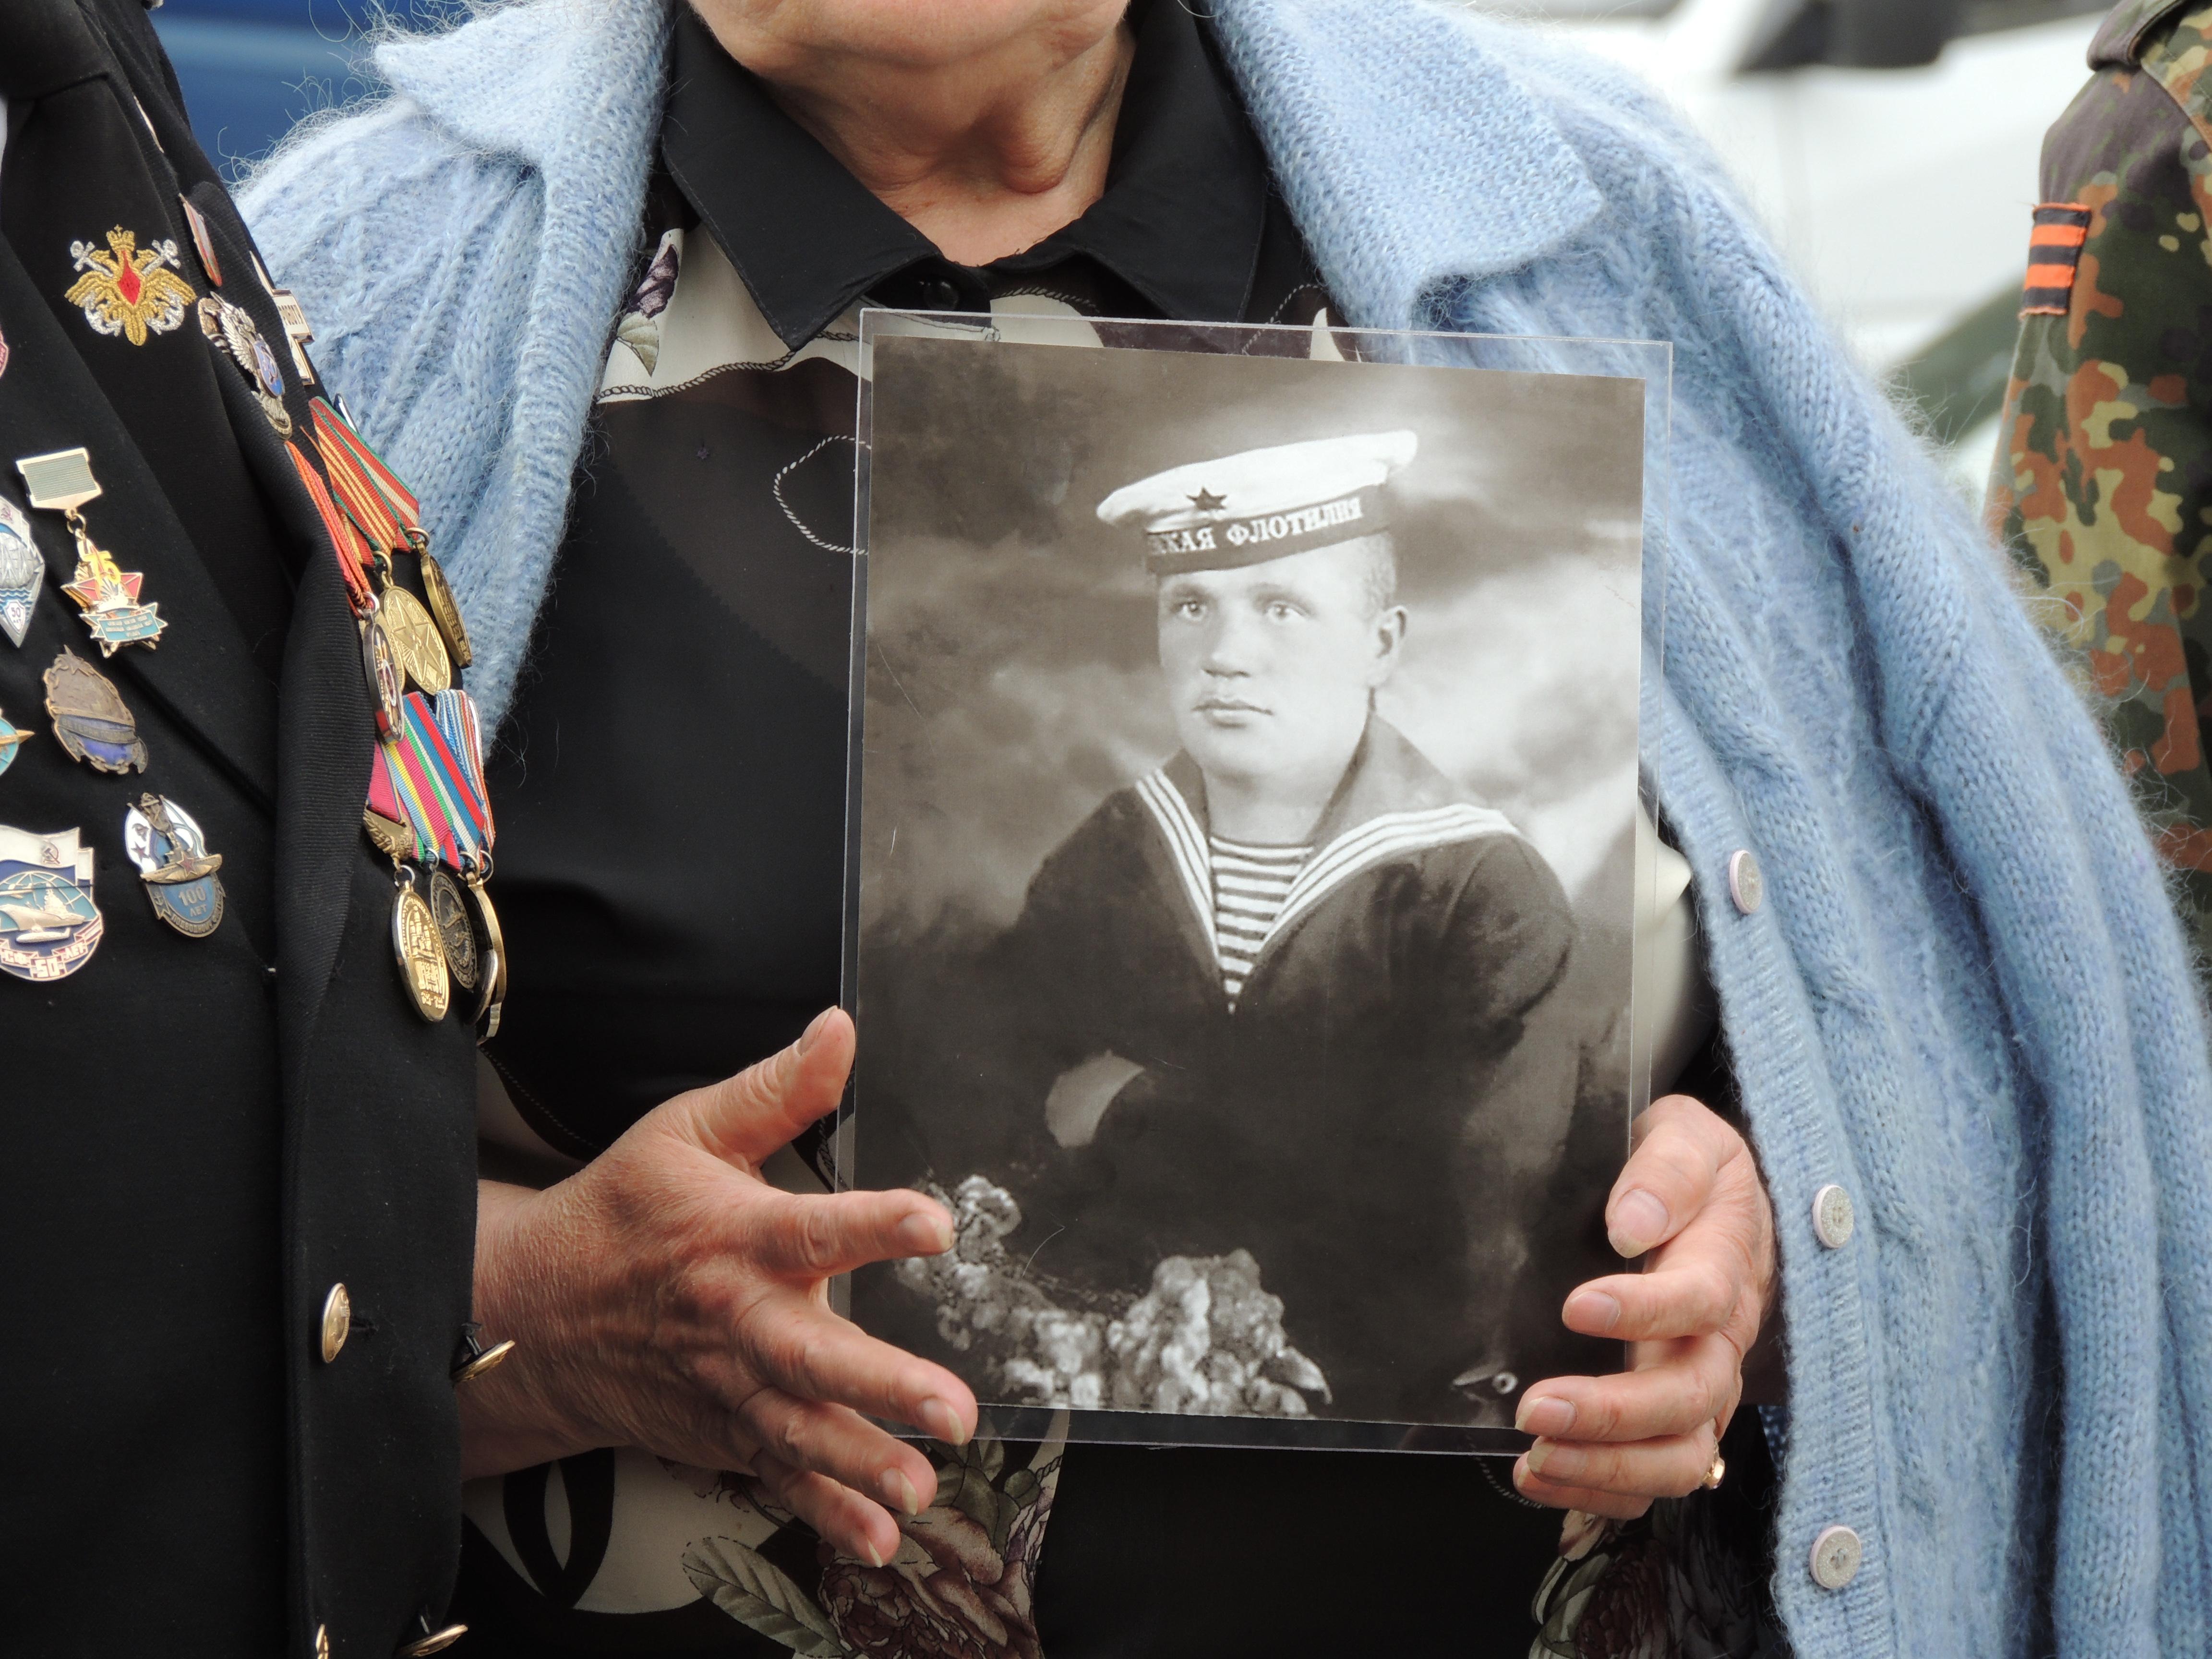 Валентина Козлова держит в руках портрет старшего брата, которого она никогда не видела